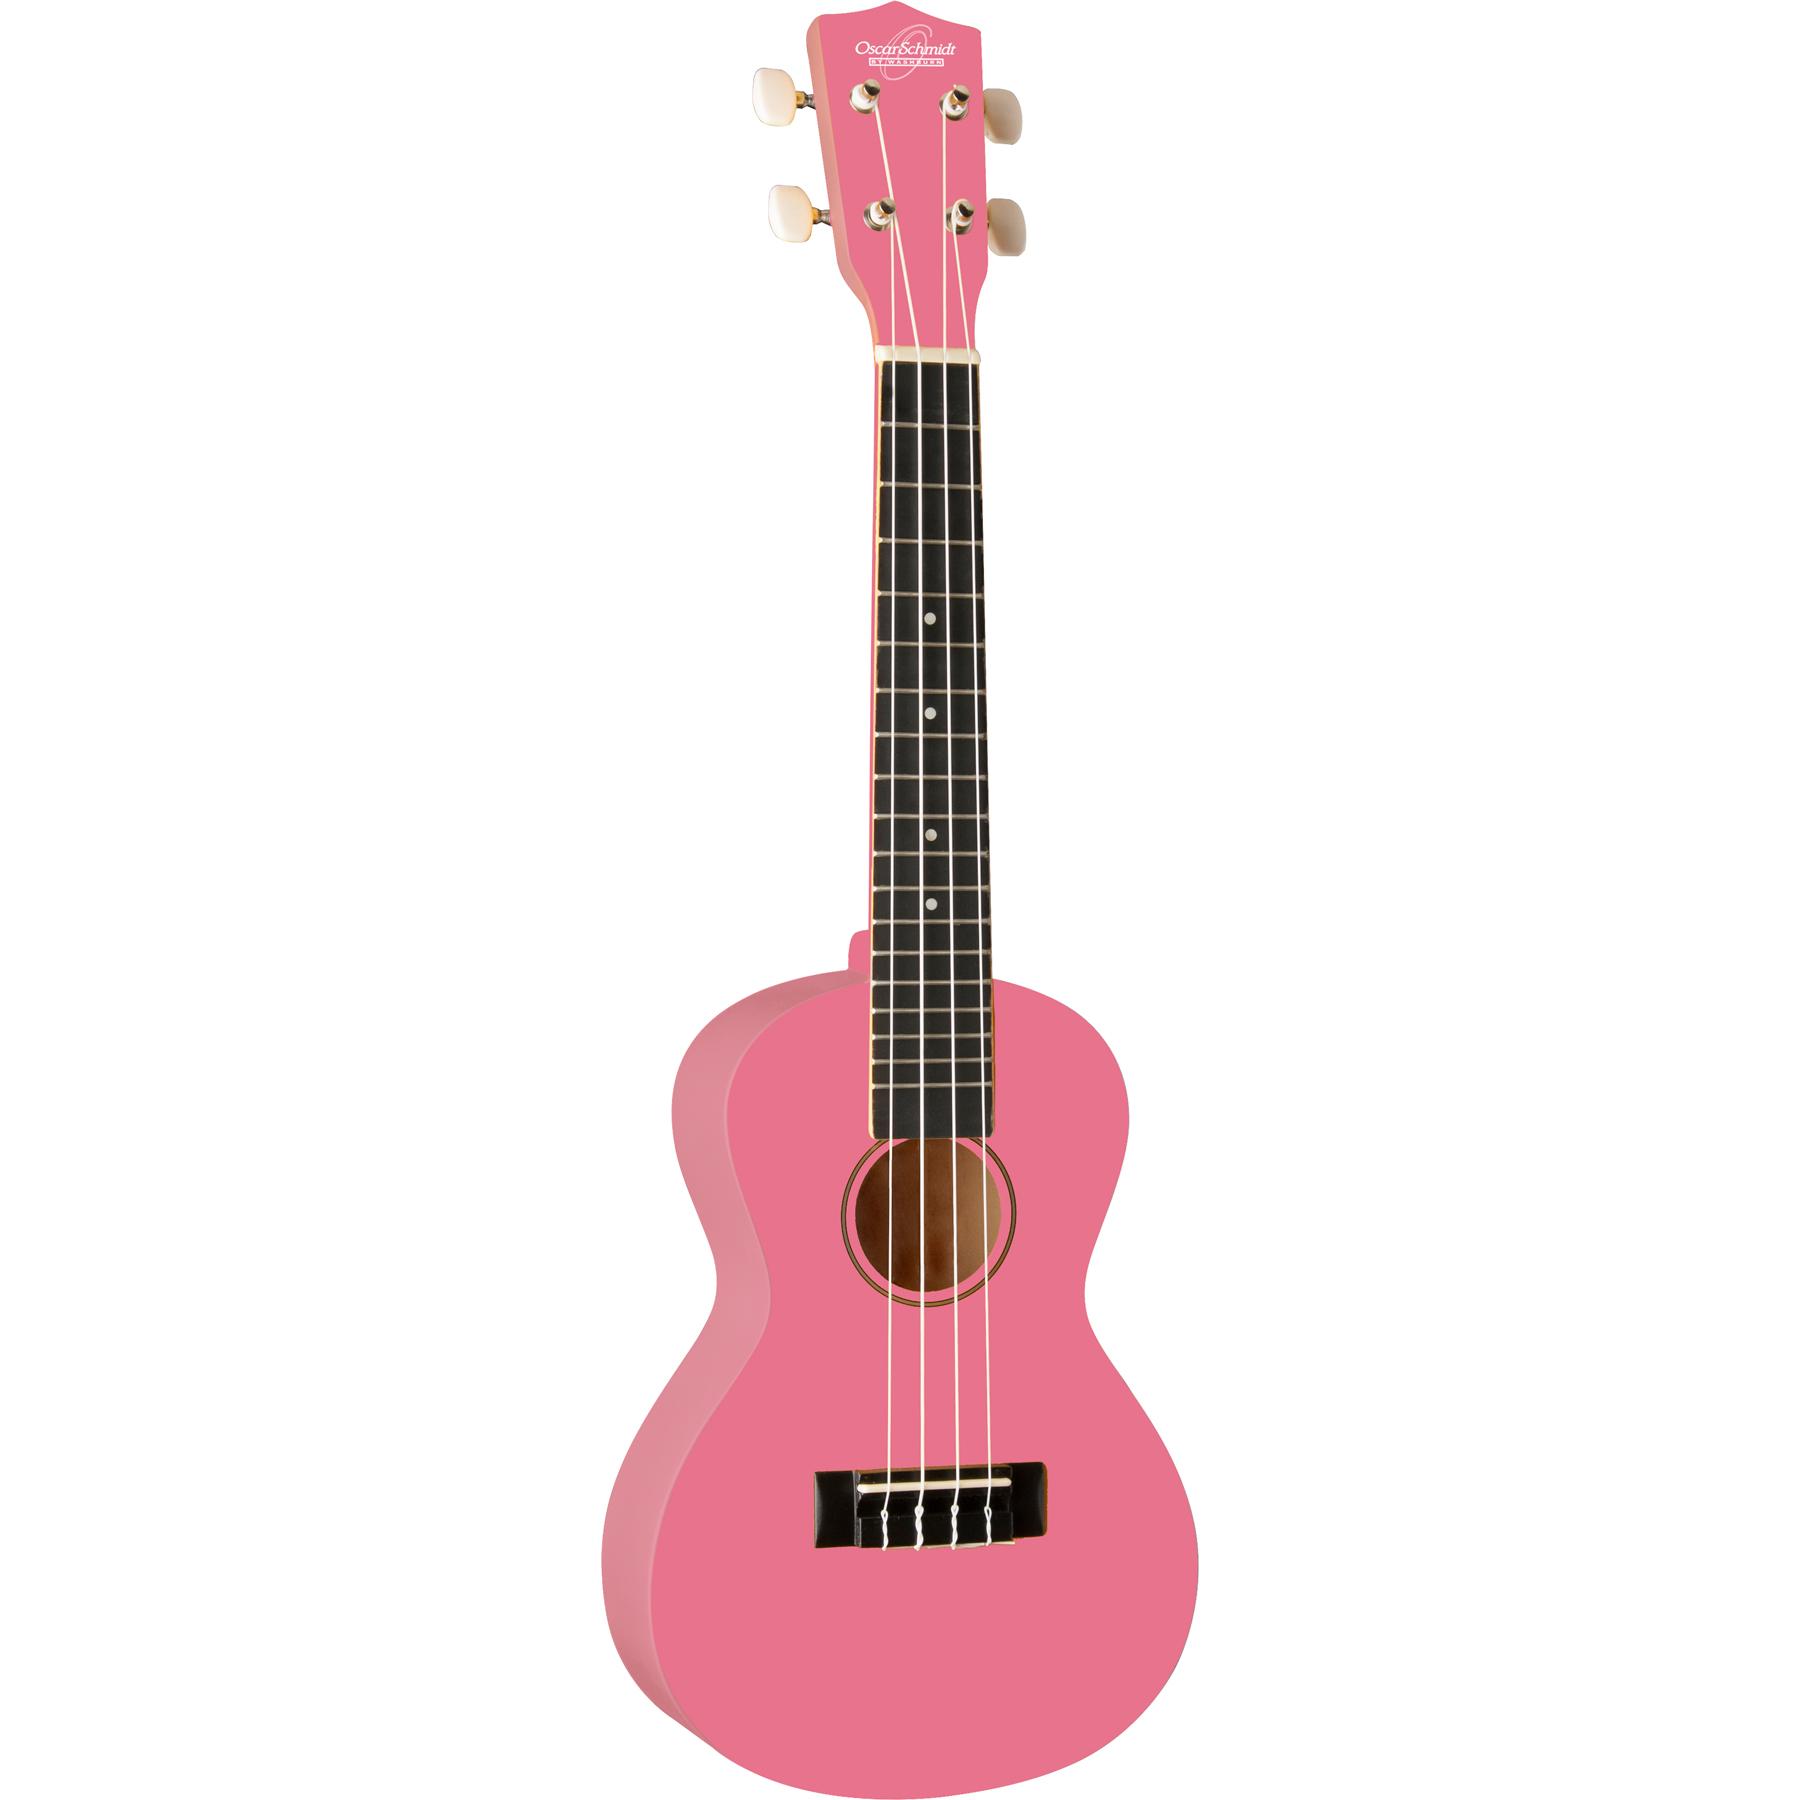 Oscar Schmidt Model OU1CP Concert Size Ukulele (Pink) by Oscar Schmidt